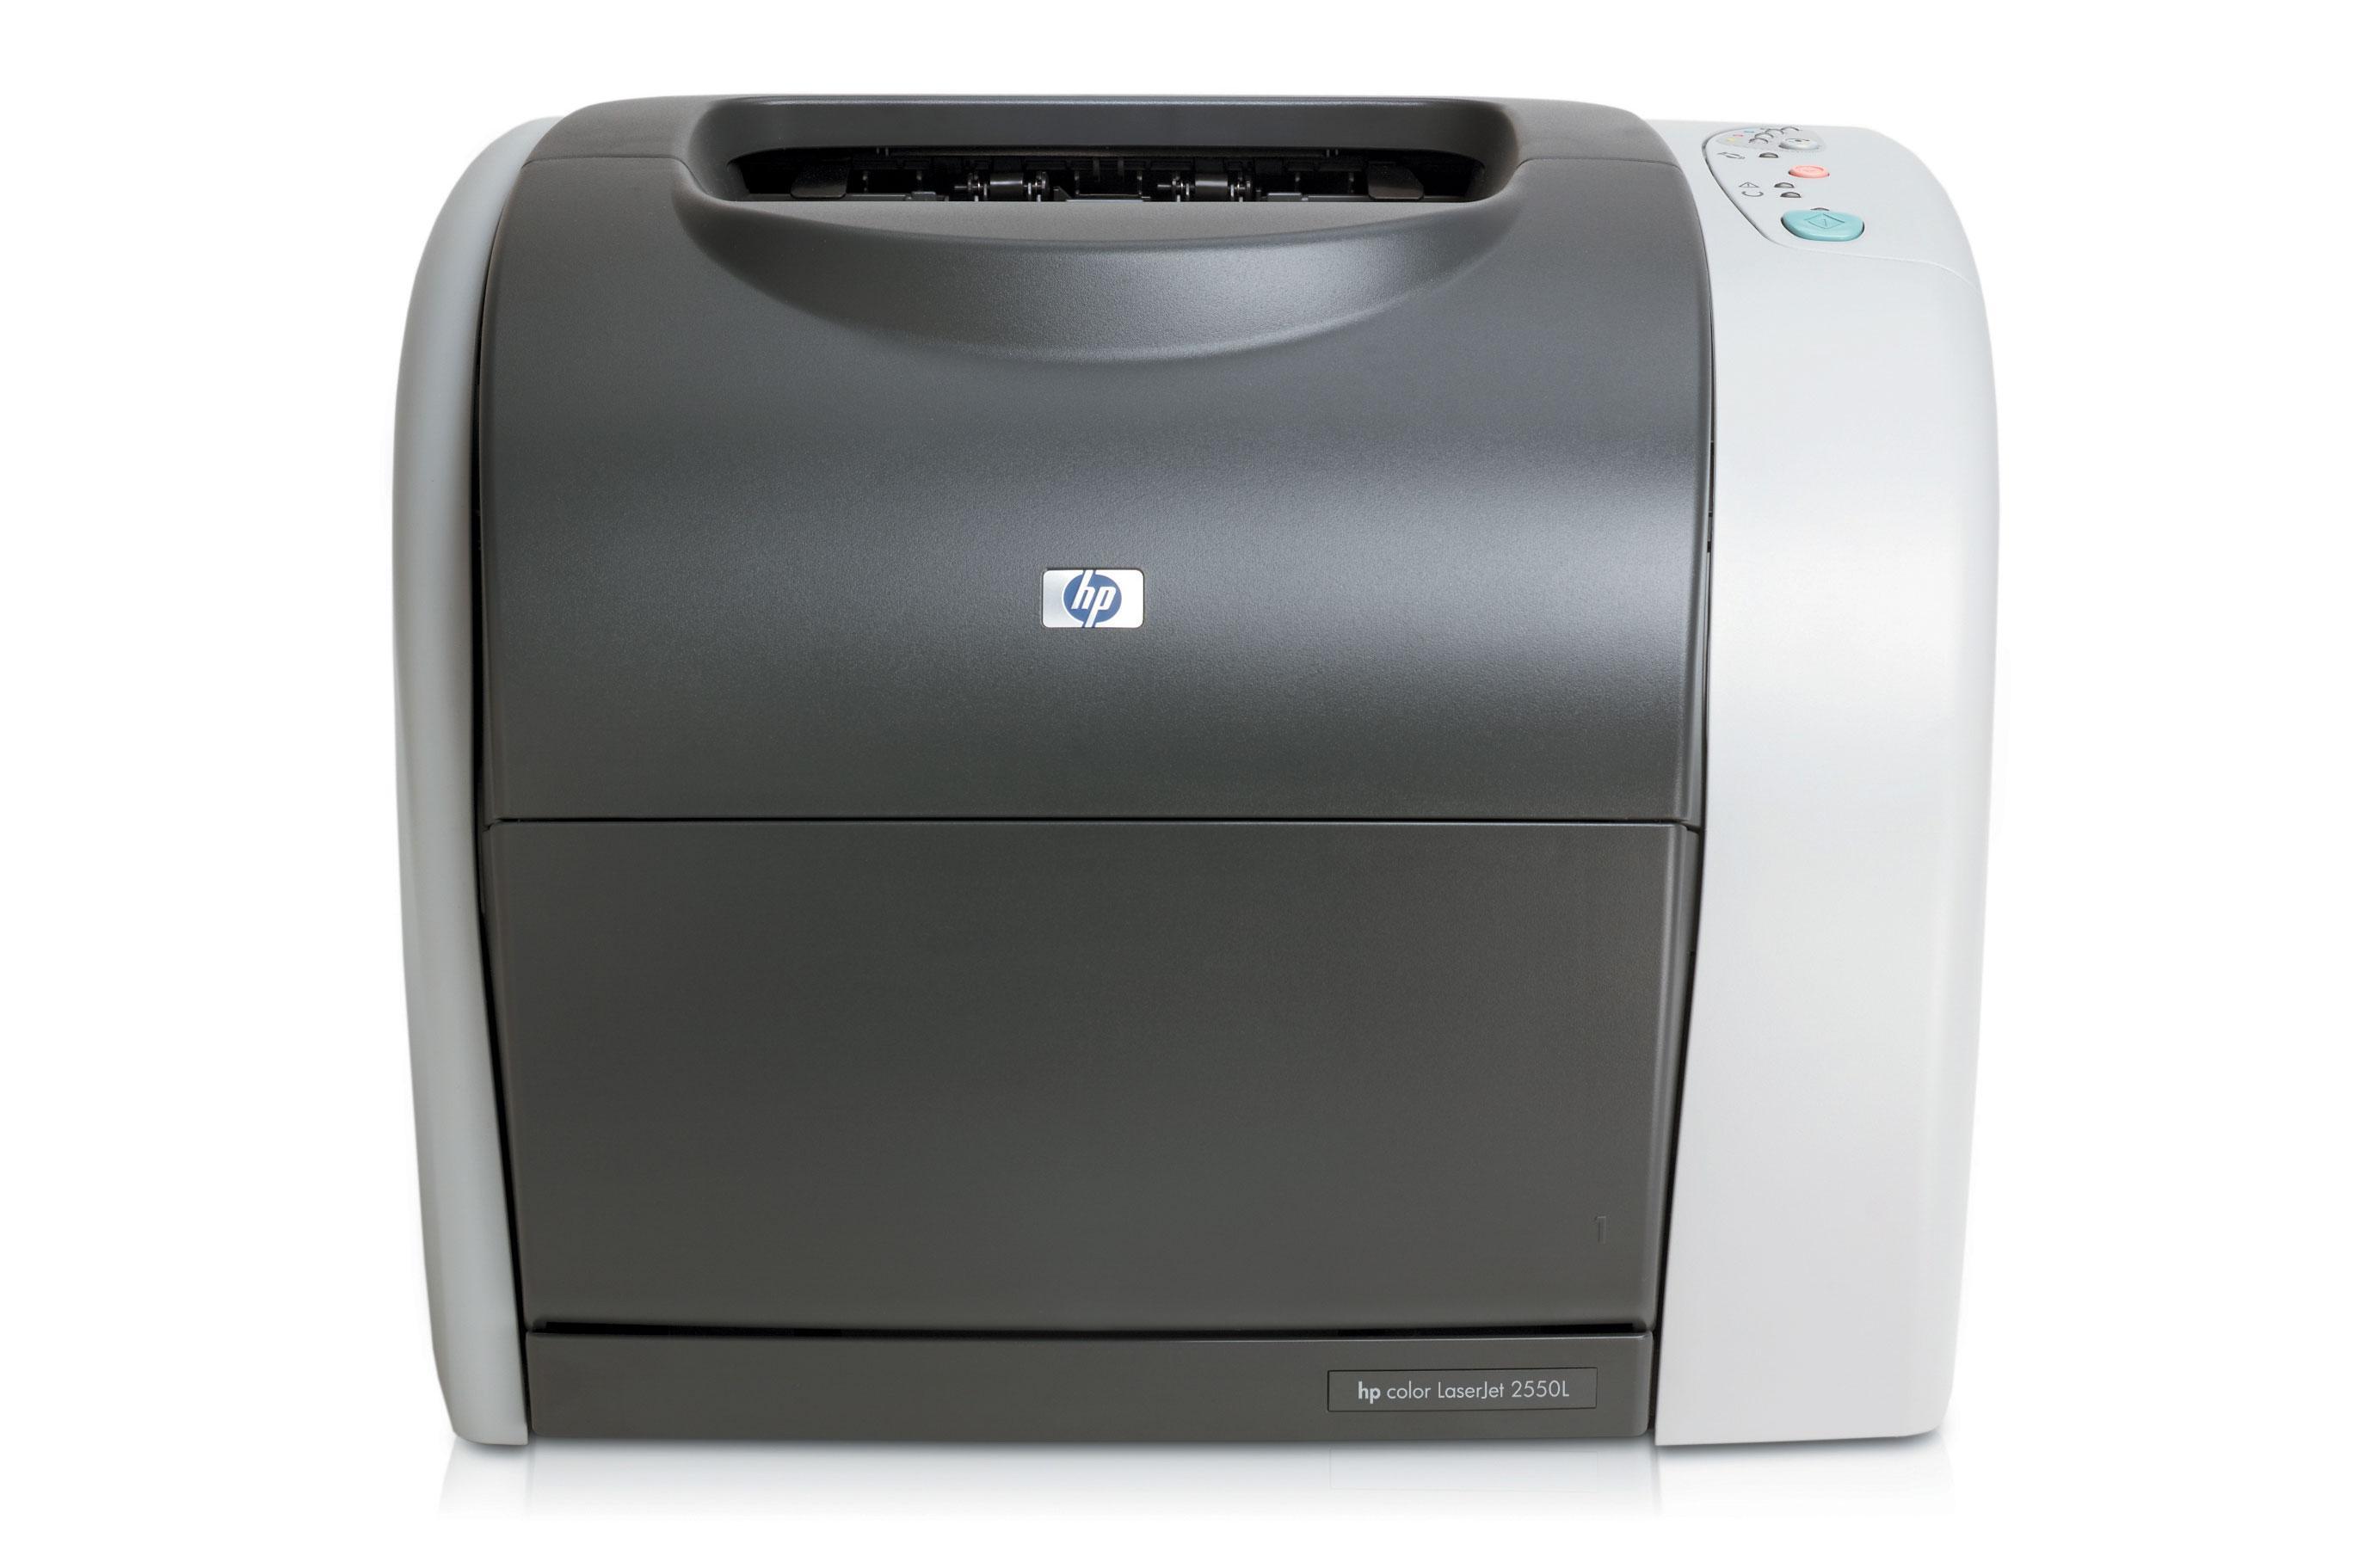 Free Download hp LaserJet Printer series drivers, real link, update Printer  series drivers for device, Fix driver problem by install latest Just Hewlett  ...